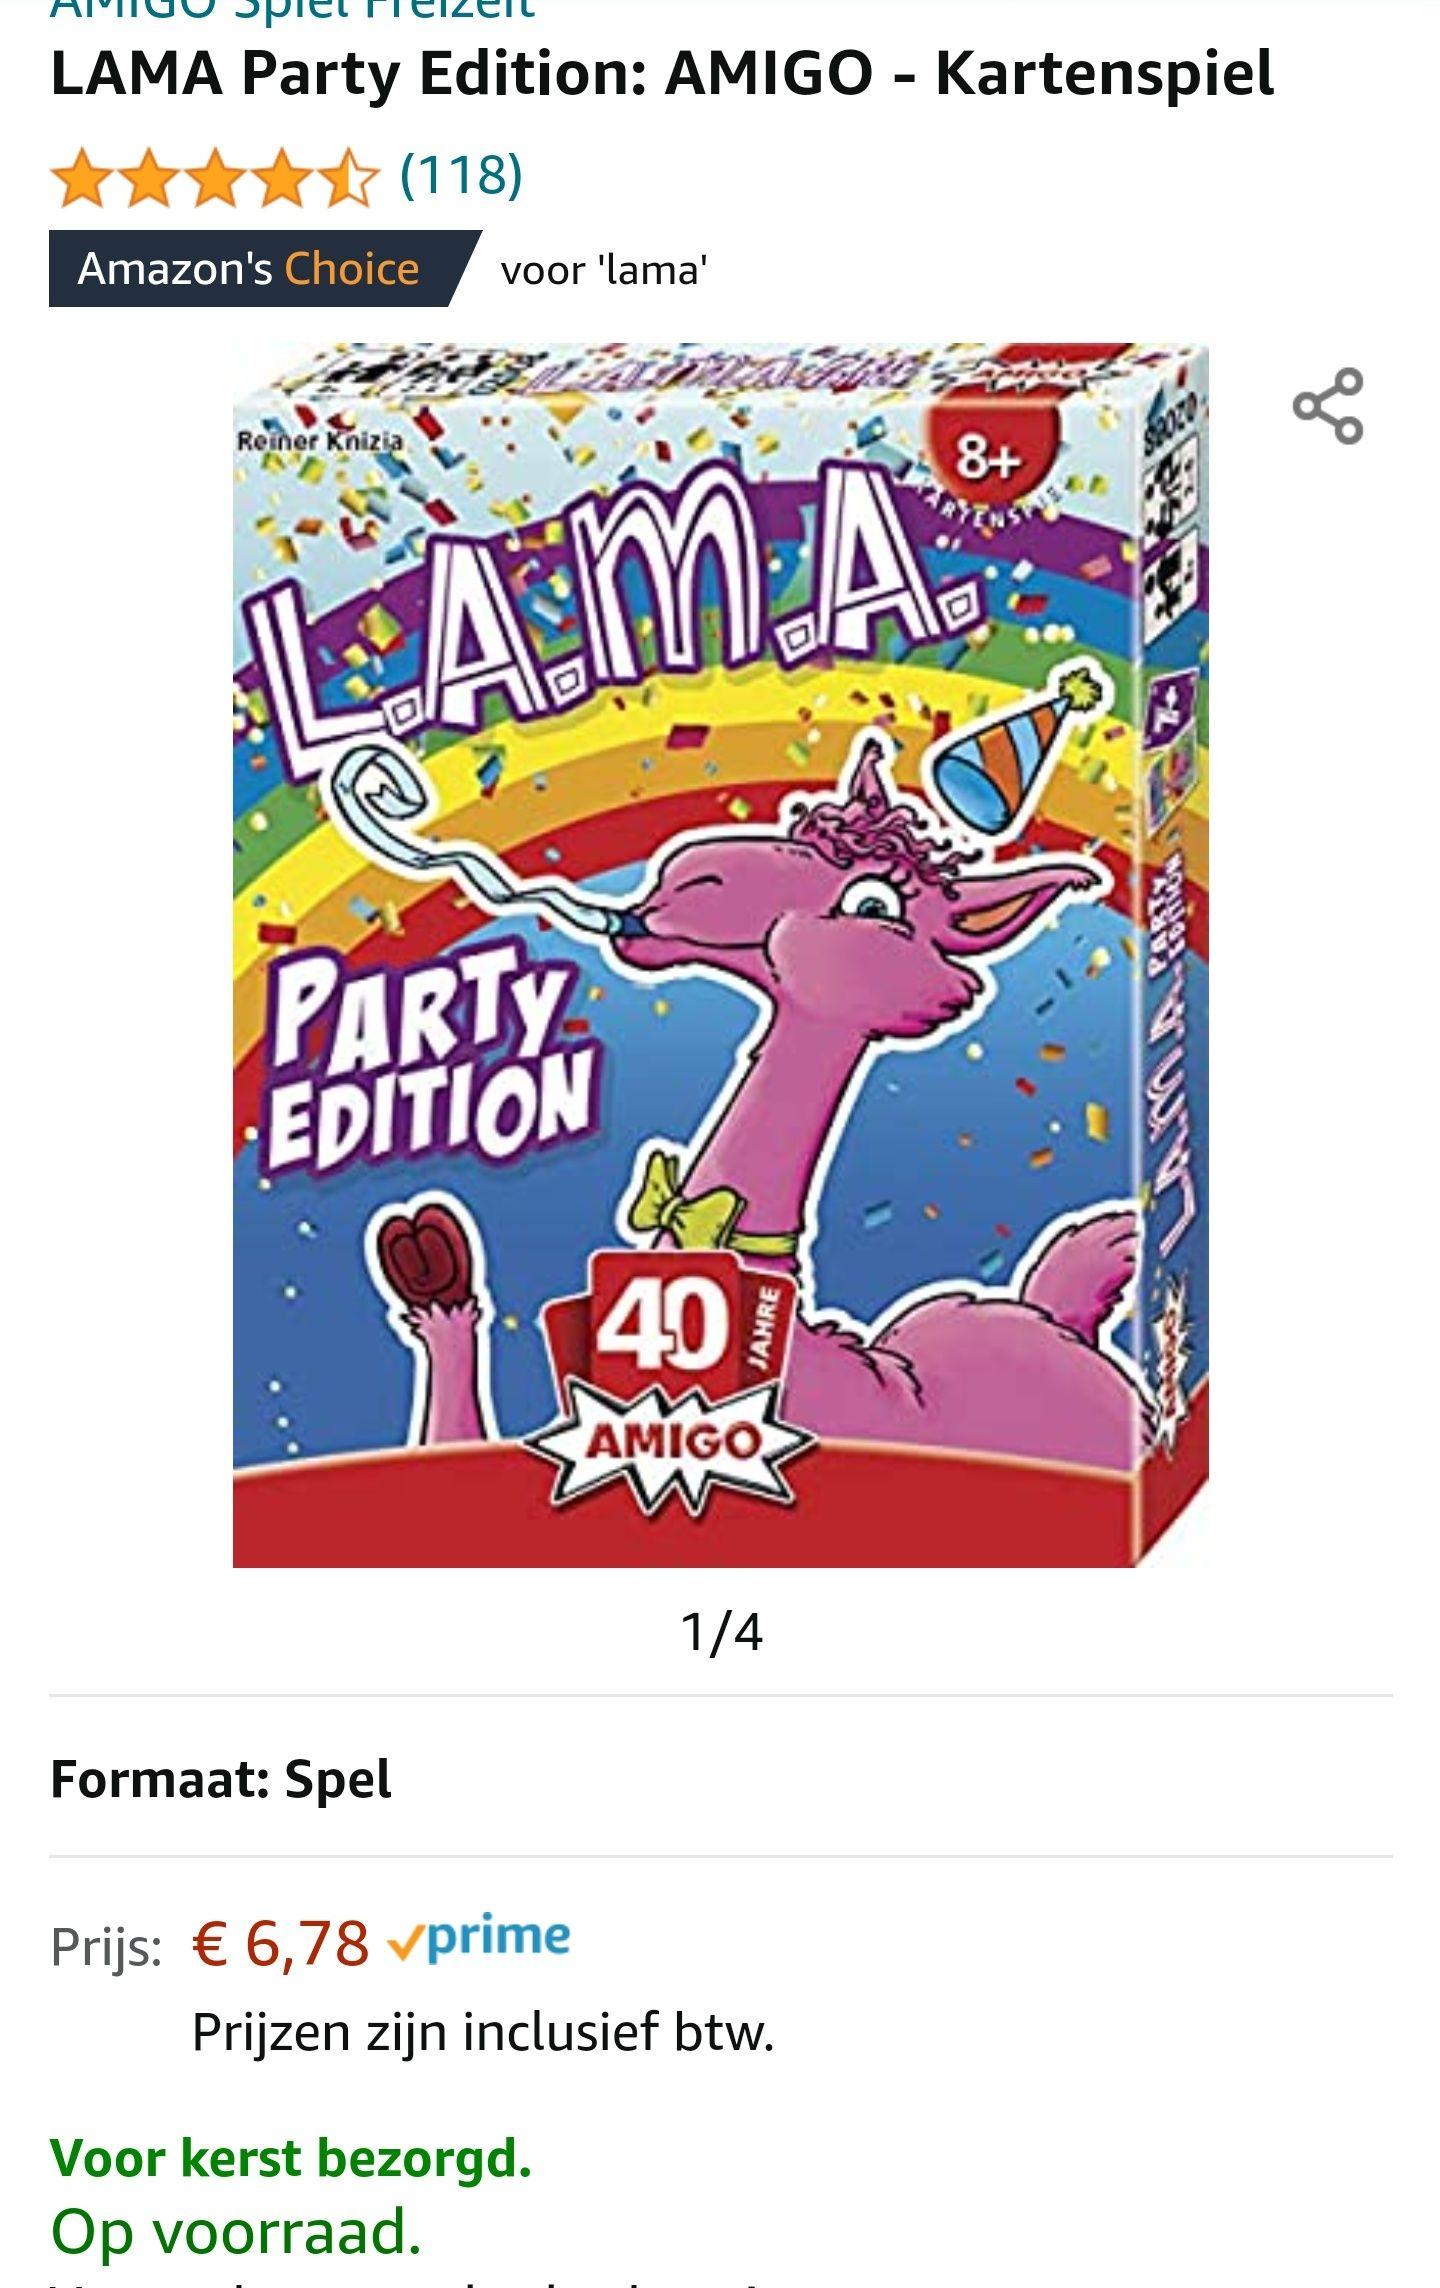 LAMA Party Edition: AMIGO